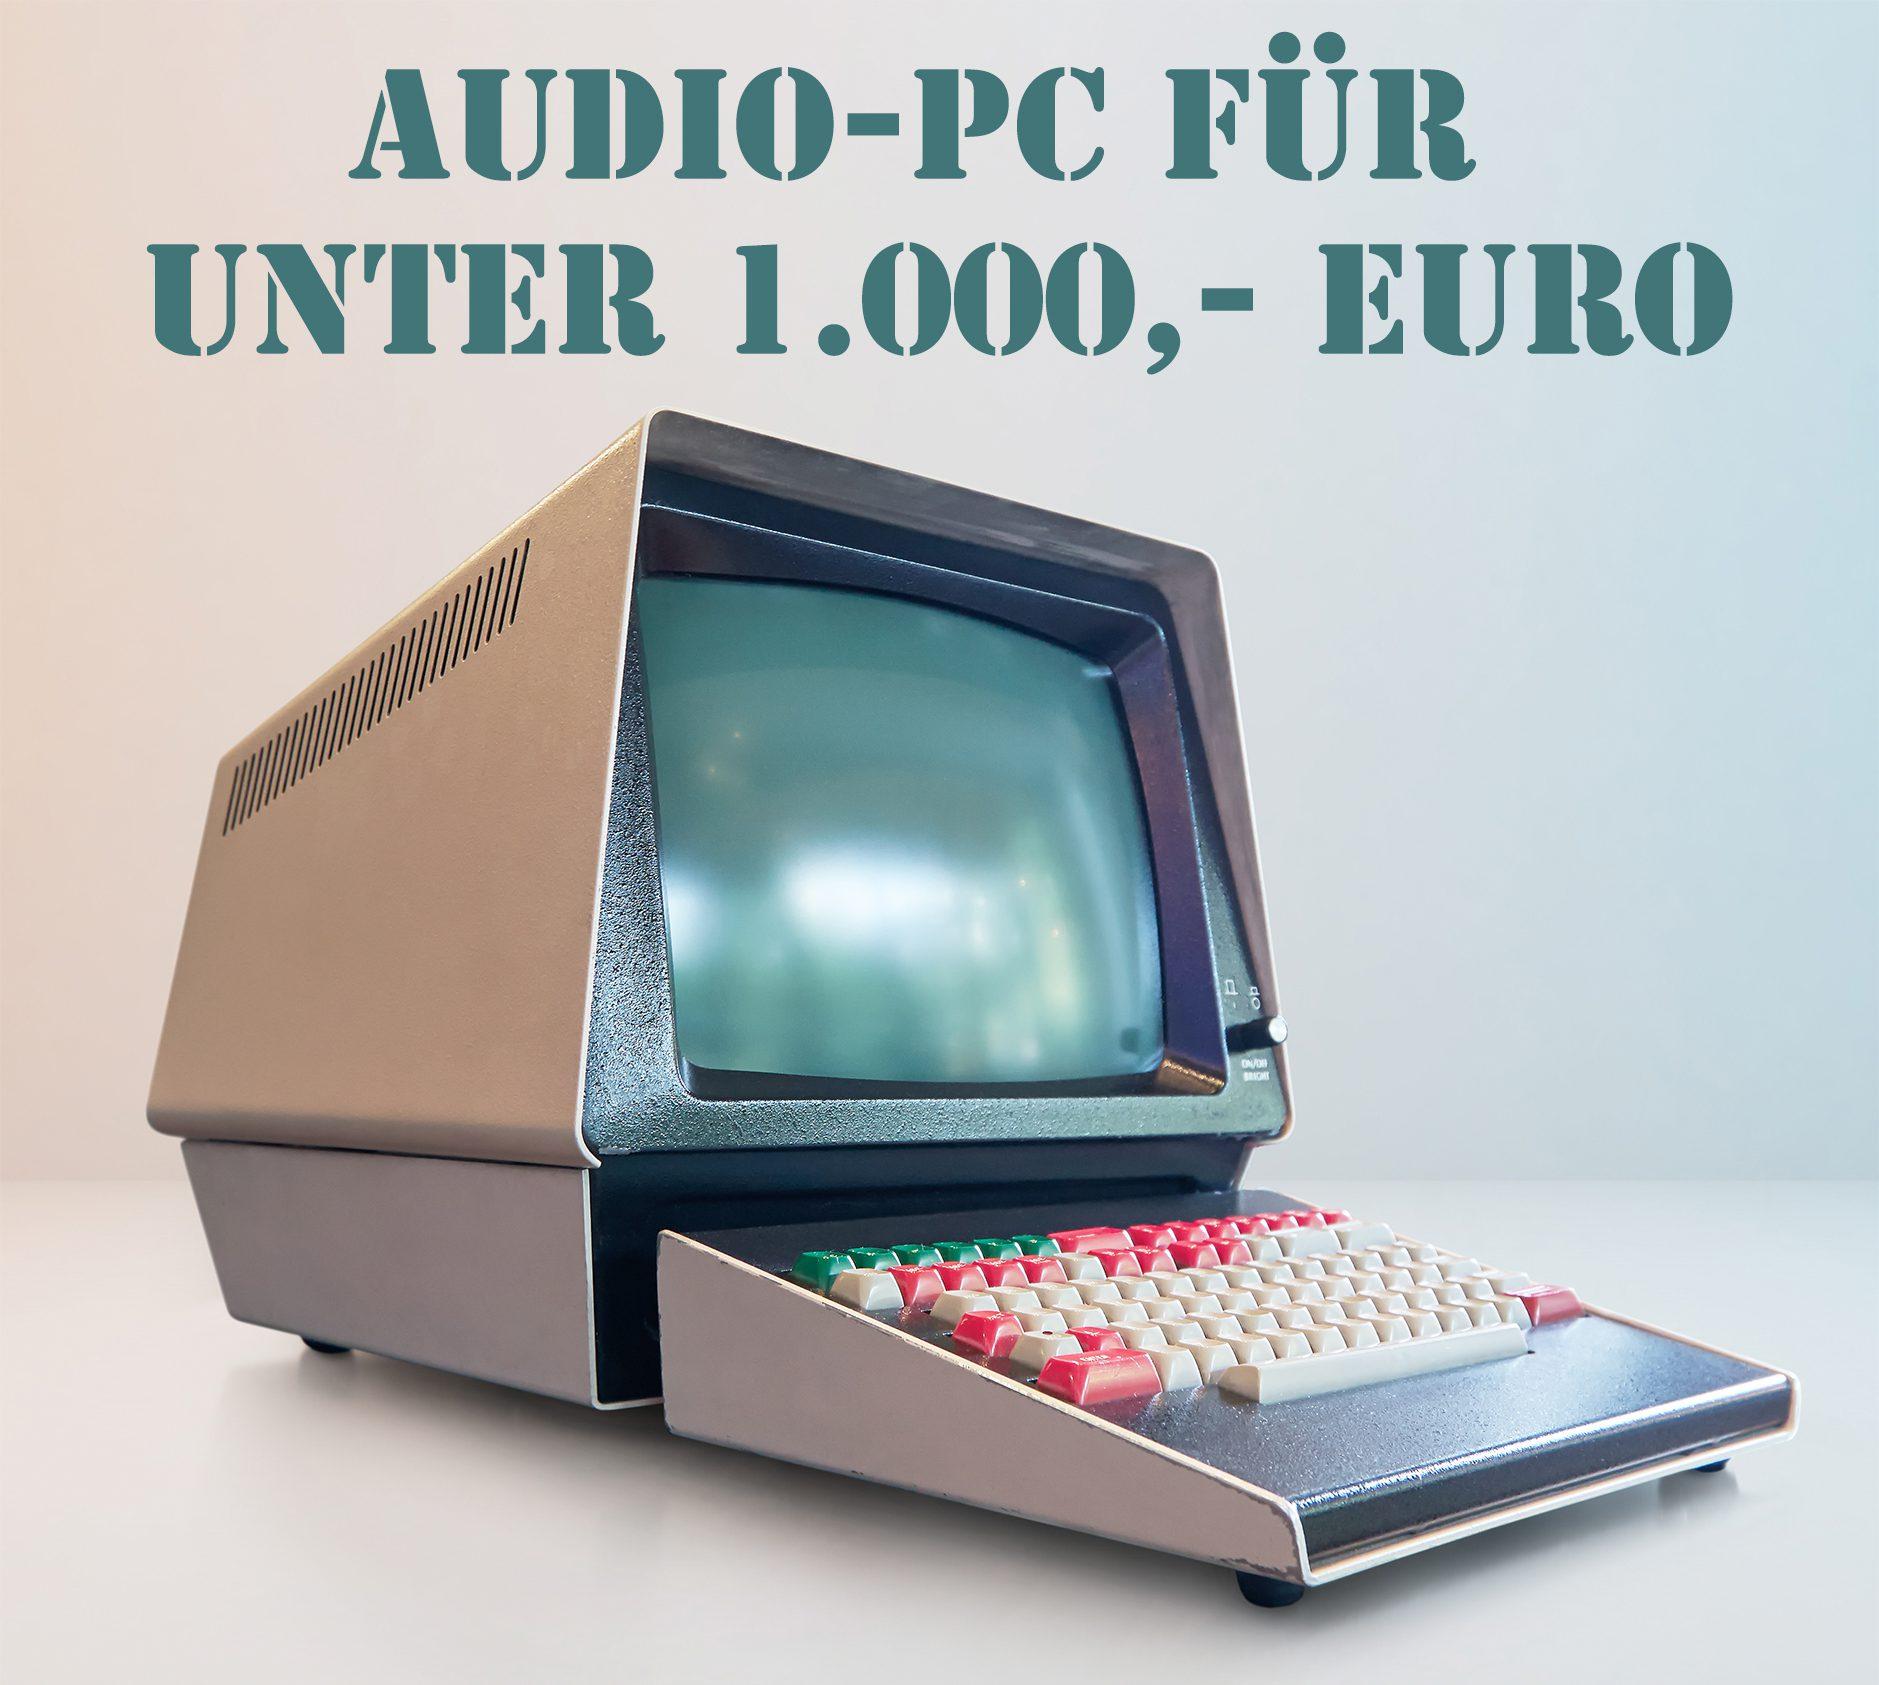 Der beste Audio PC für unter 1000, Euro